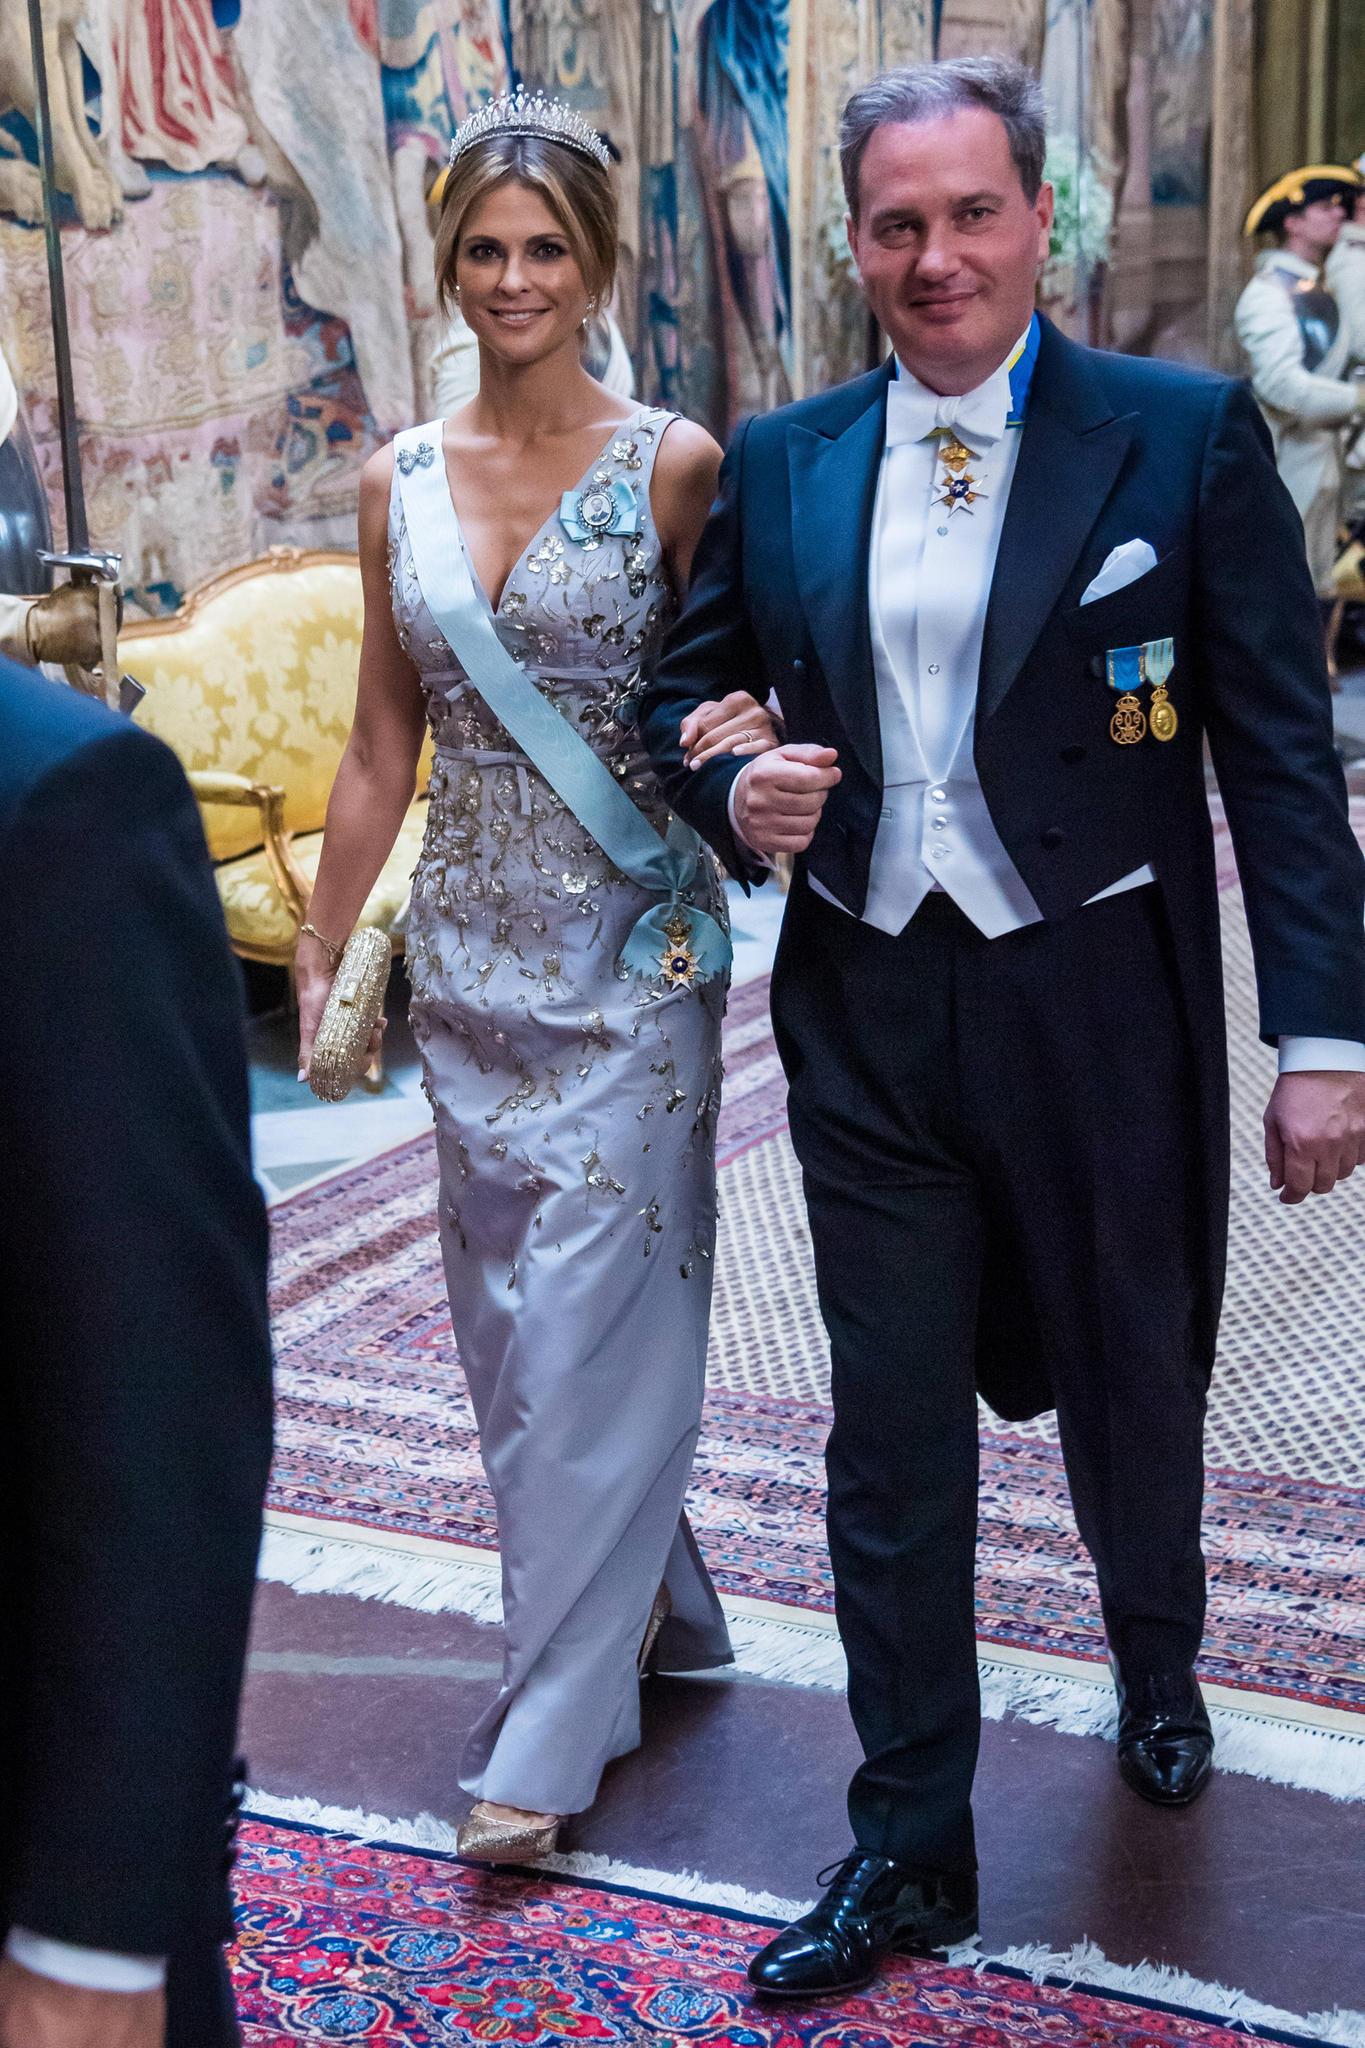 Prinzessin Madeleine und Chris O'Neill beim Staatsbankett zu Ehren des südkoreanischen Präsidenten Moon Jae-in